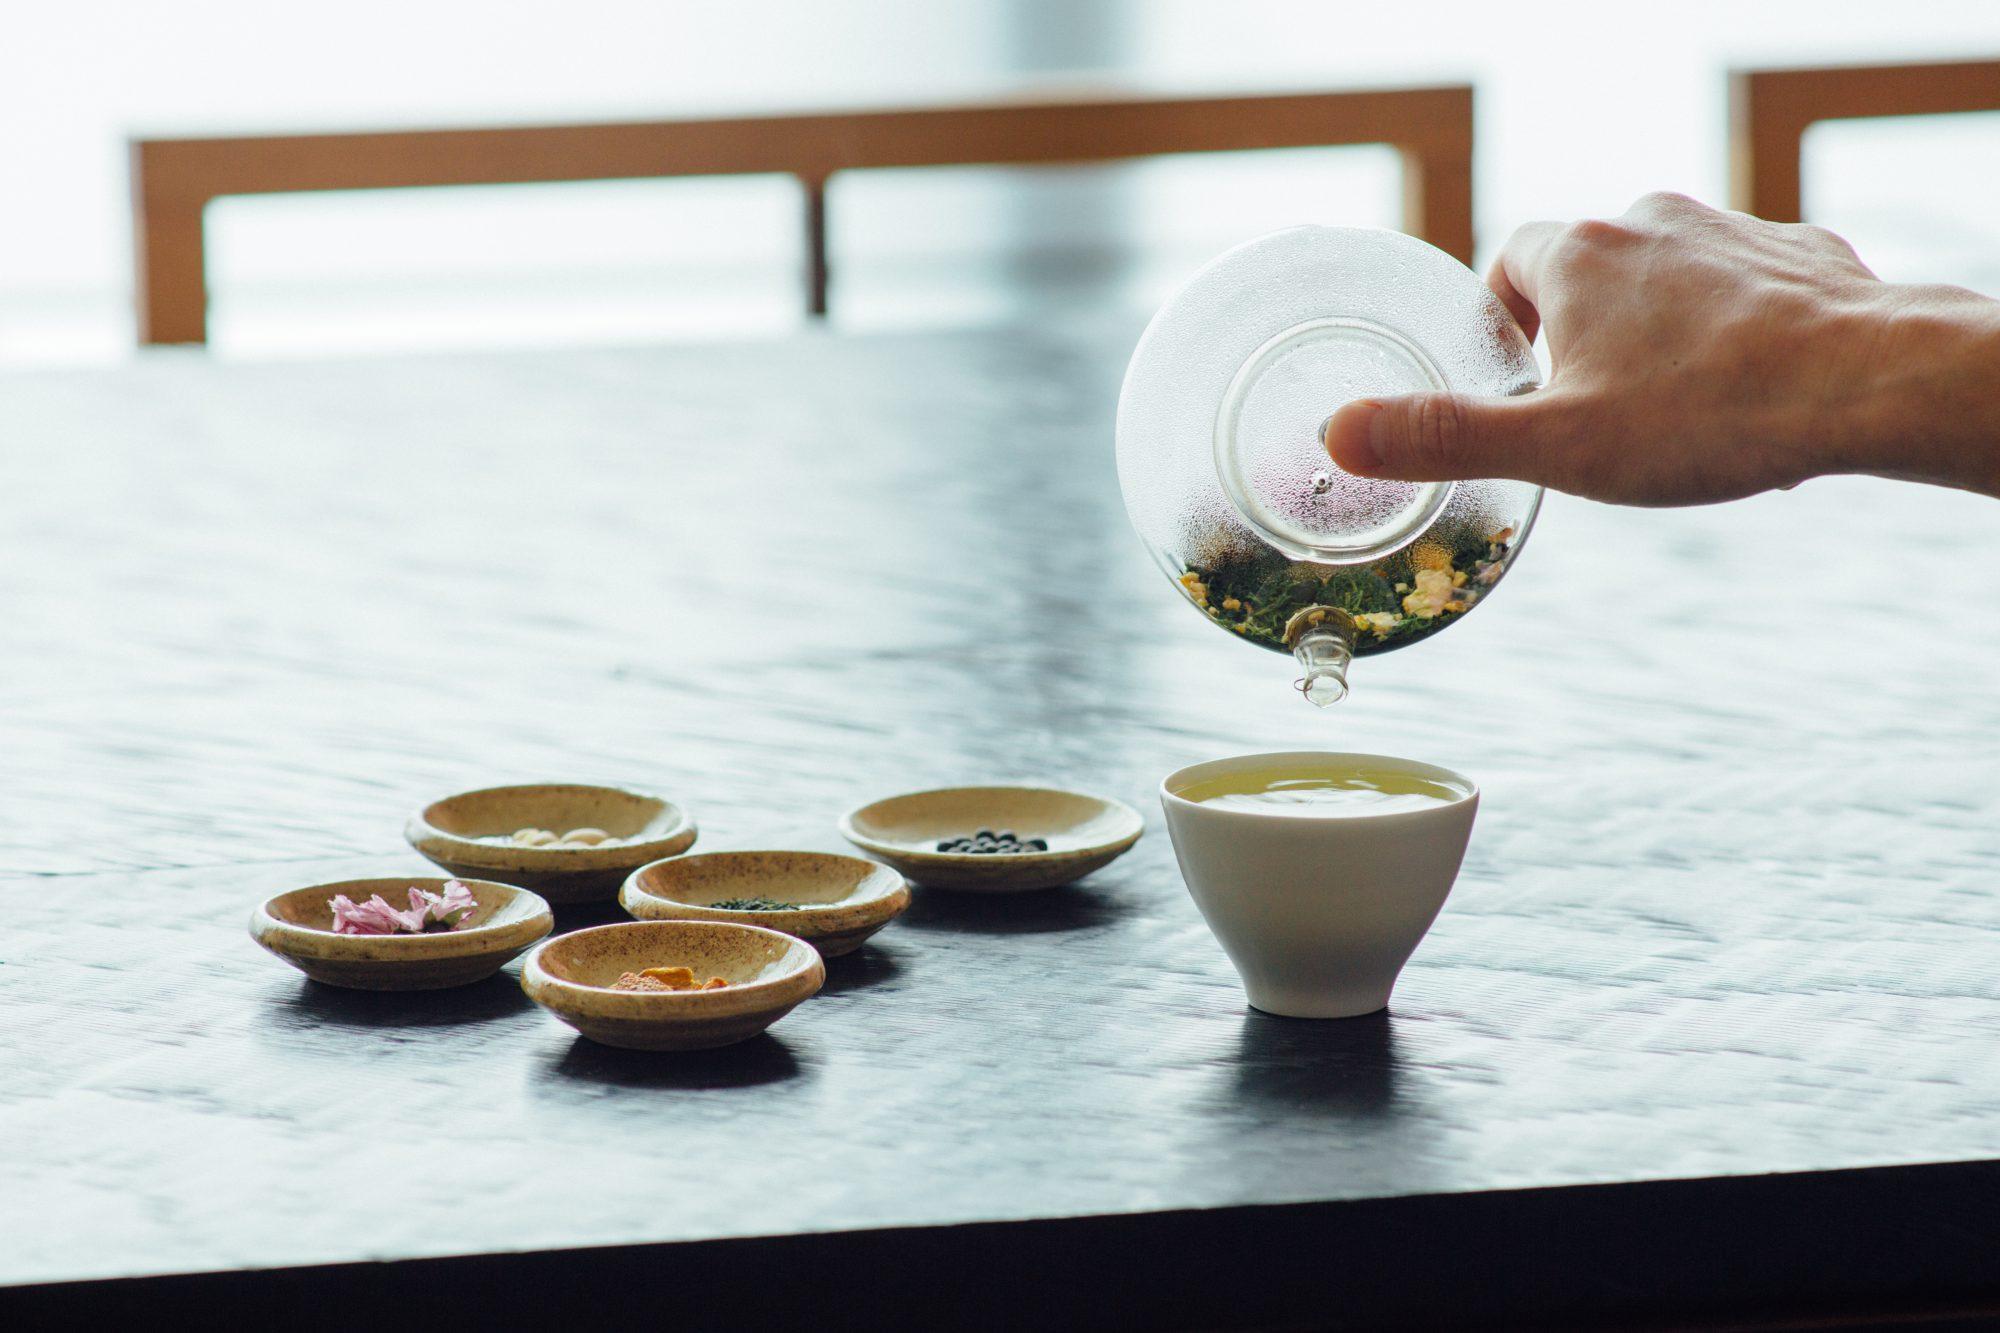 櫻井焙茶研究所 立春